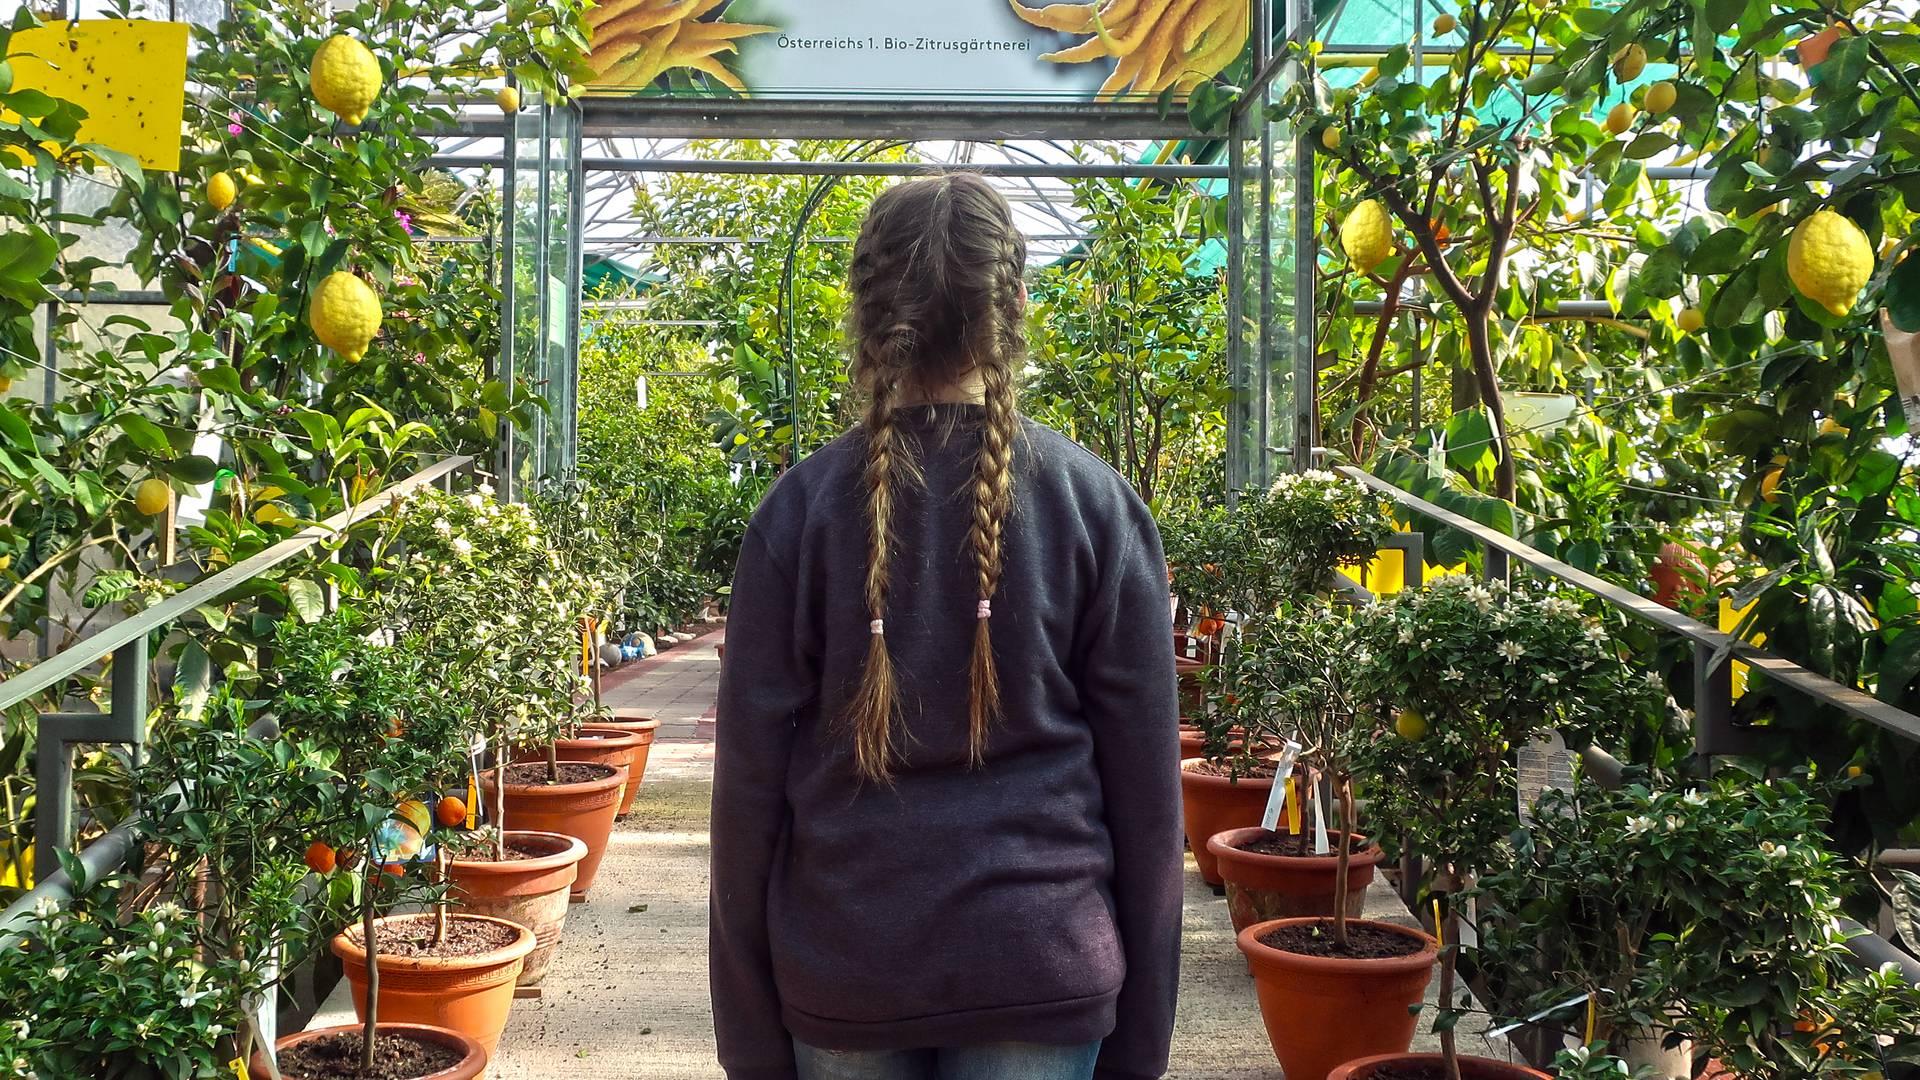 Jasmin Kreulitsch_Zitrusgarten